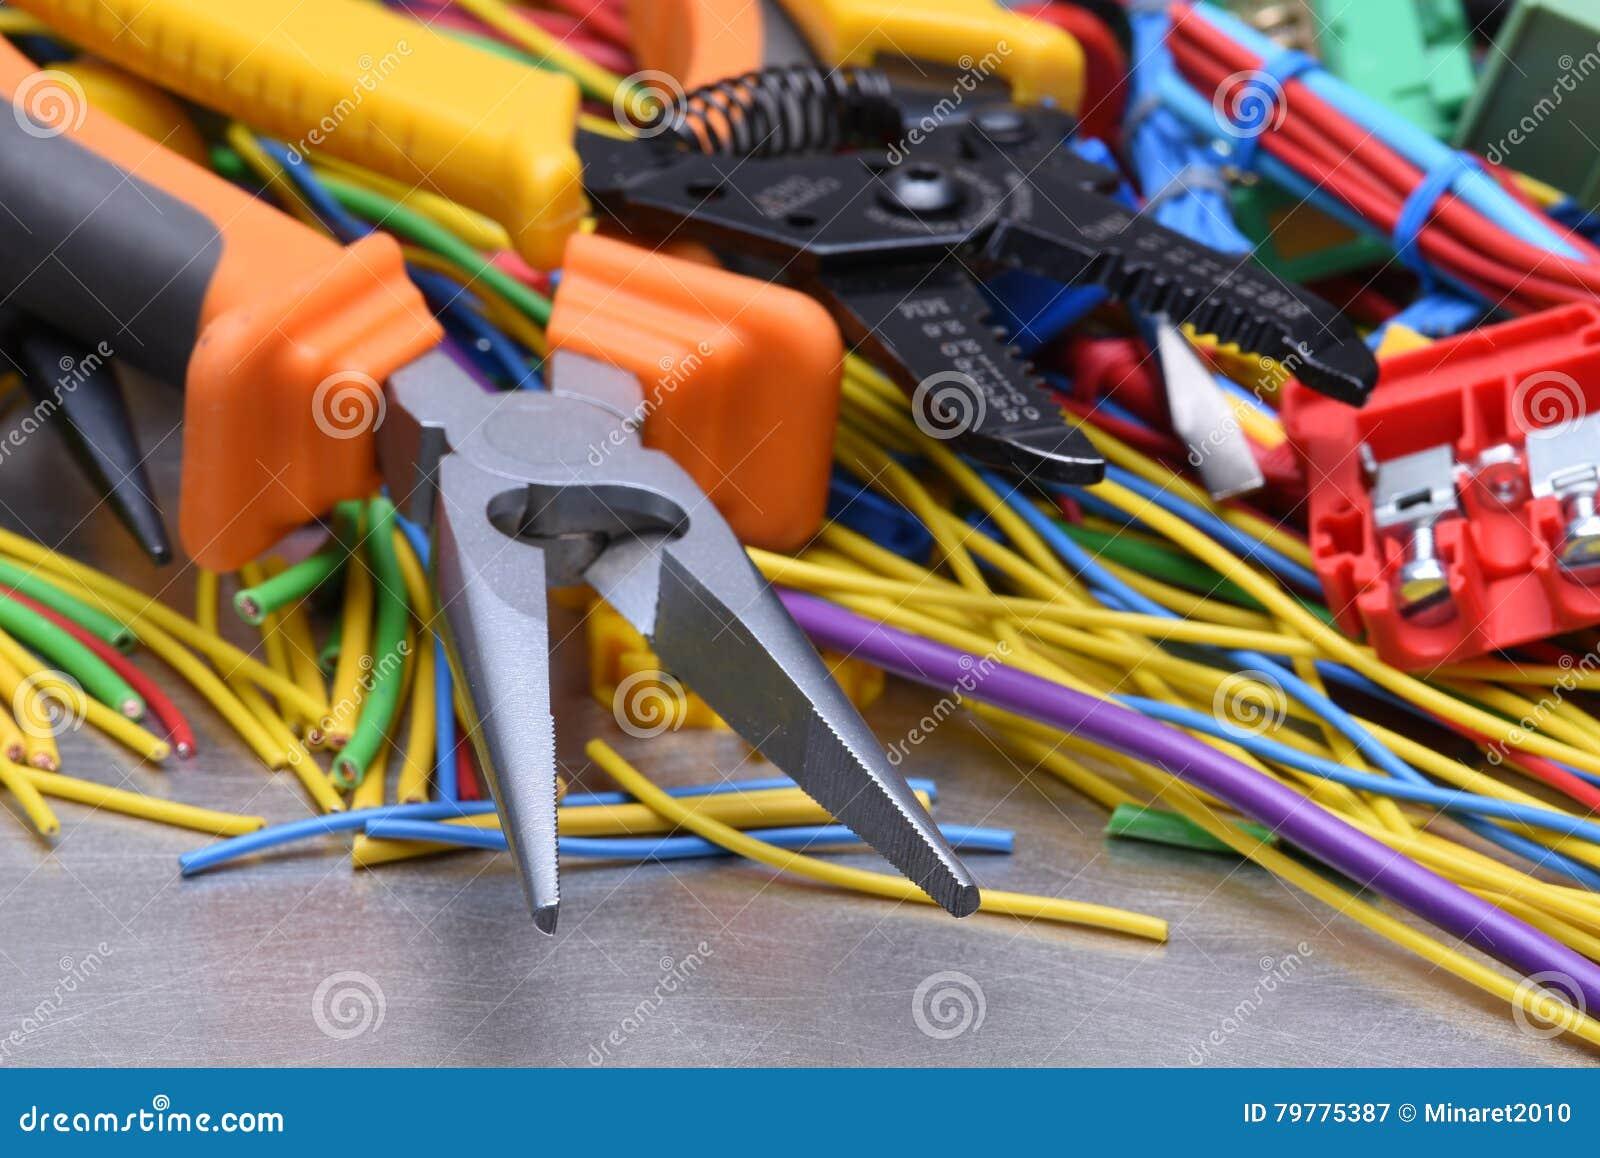 Niedlich Elektrische Kabel Identifizieren Zeitgenössisch ...